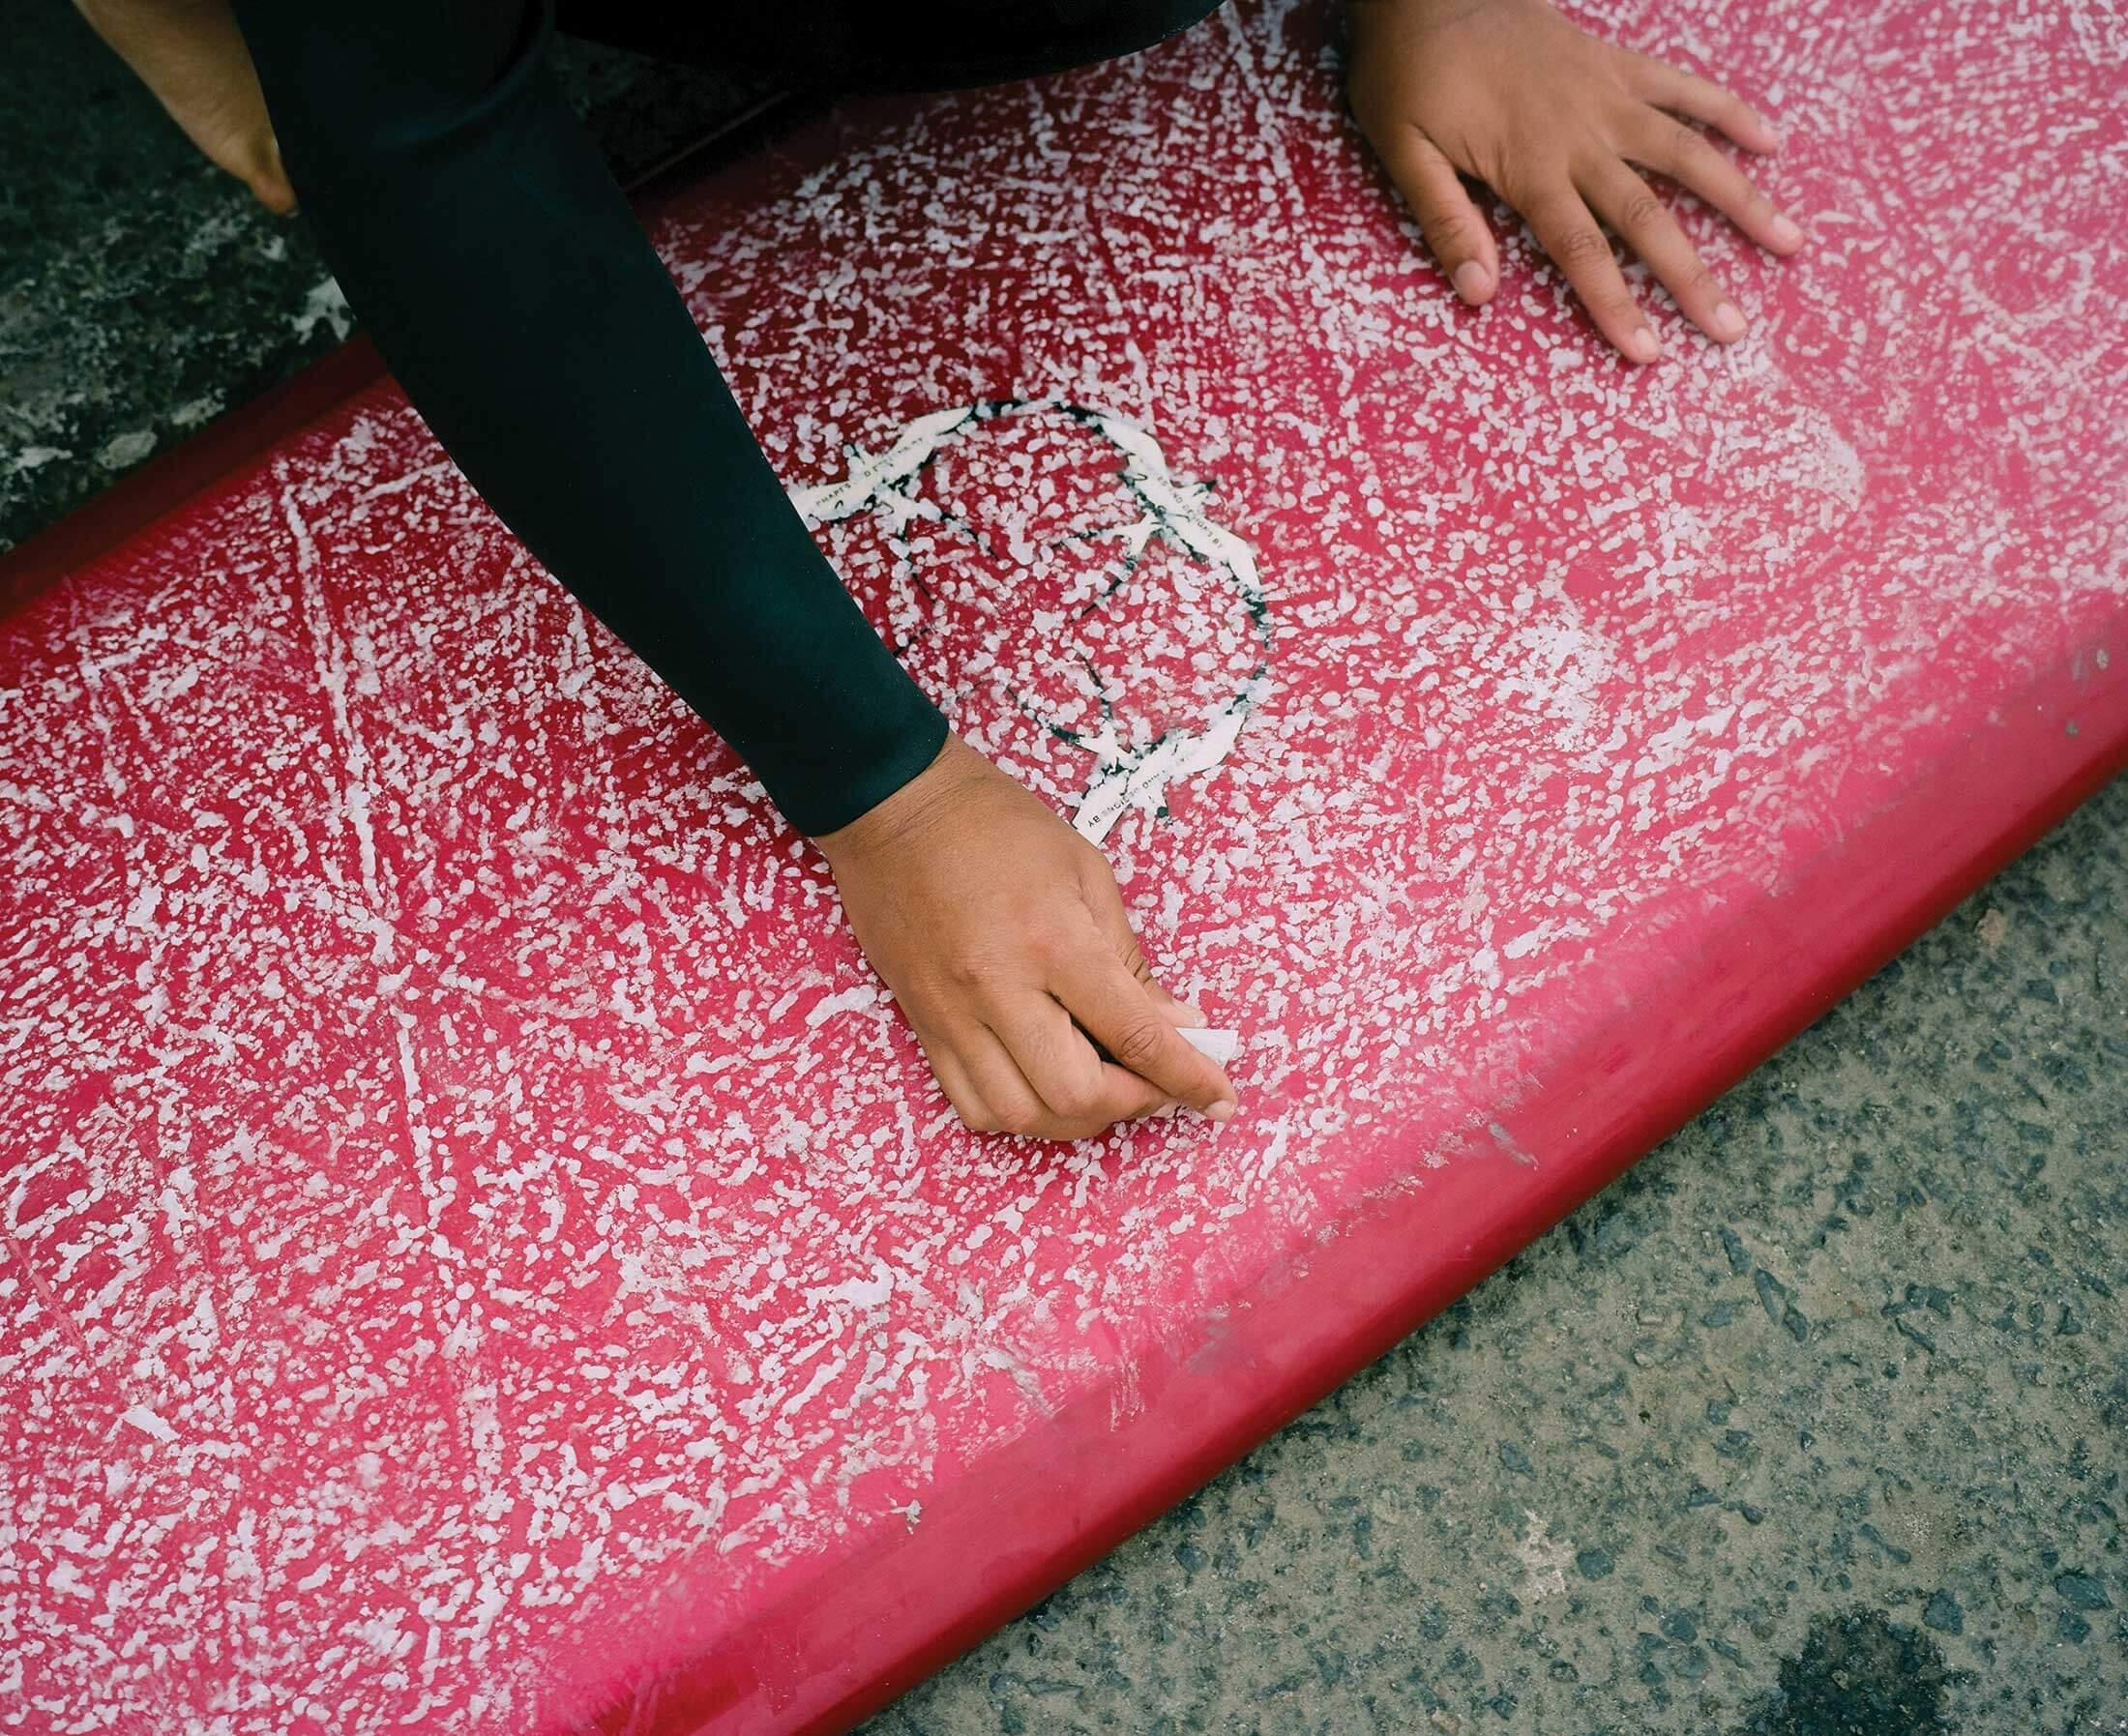 Danielle Black Lyons waxing her board in Oceanside, California.